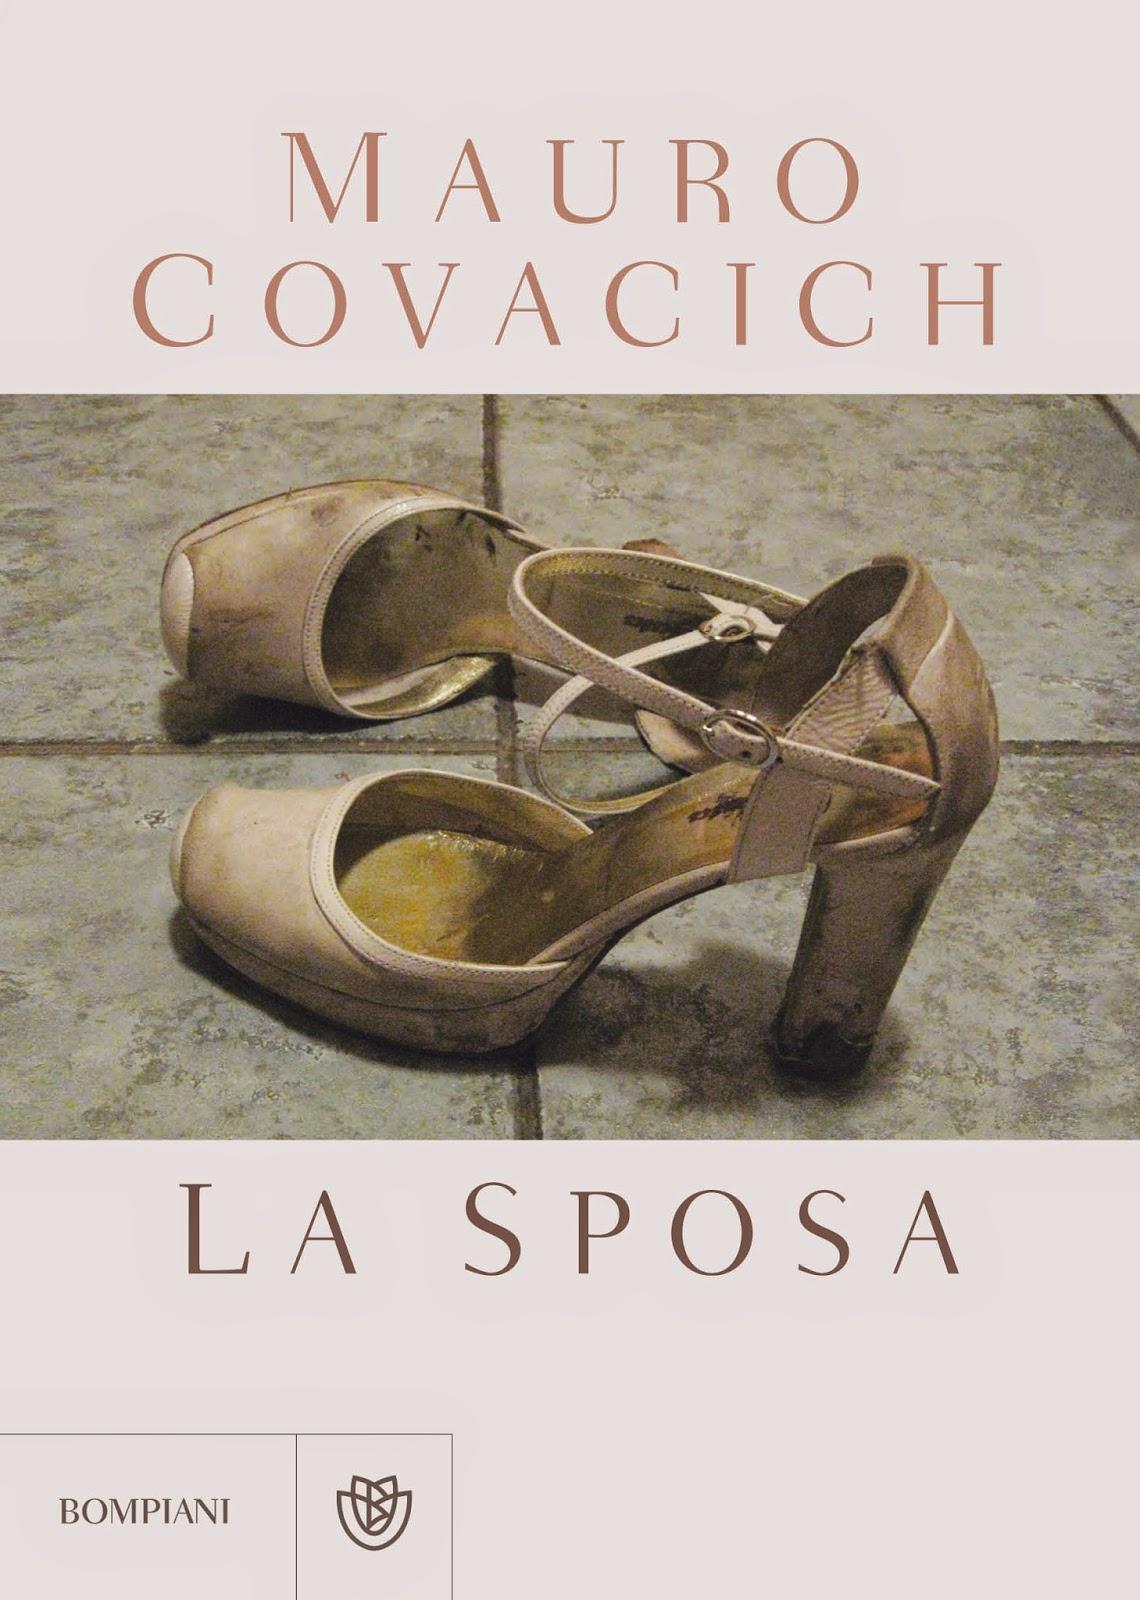 Mauro Covacich La Sposa